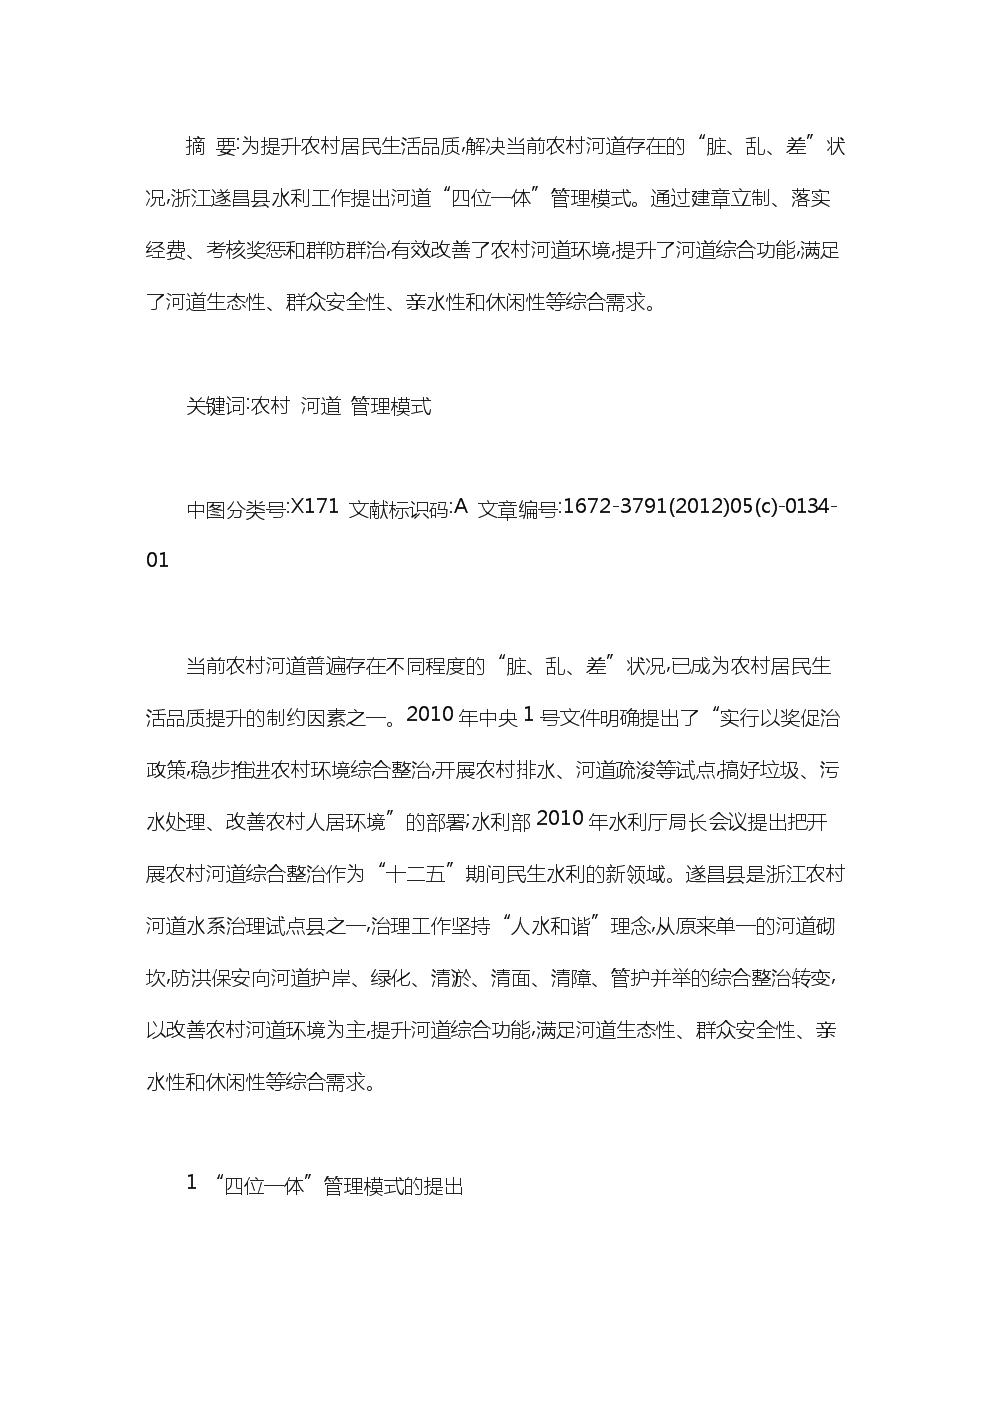 探讨农村河道生态环境建设 农村生态环境调查报告.doc